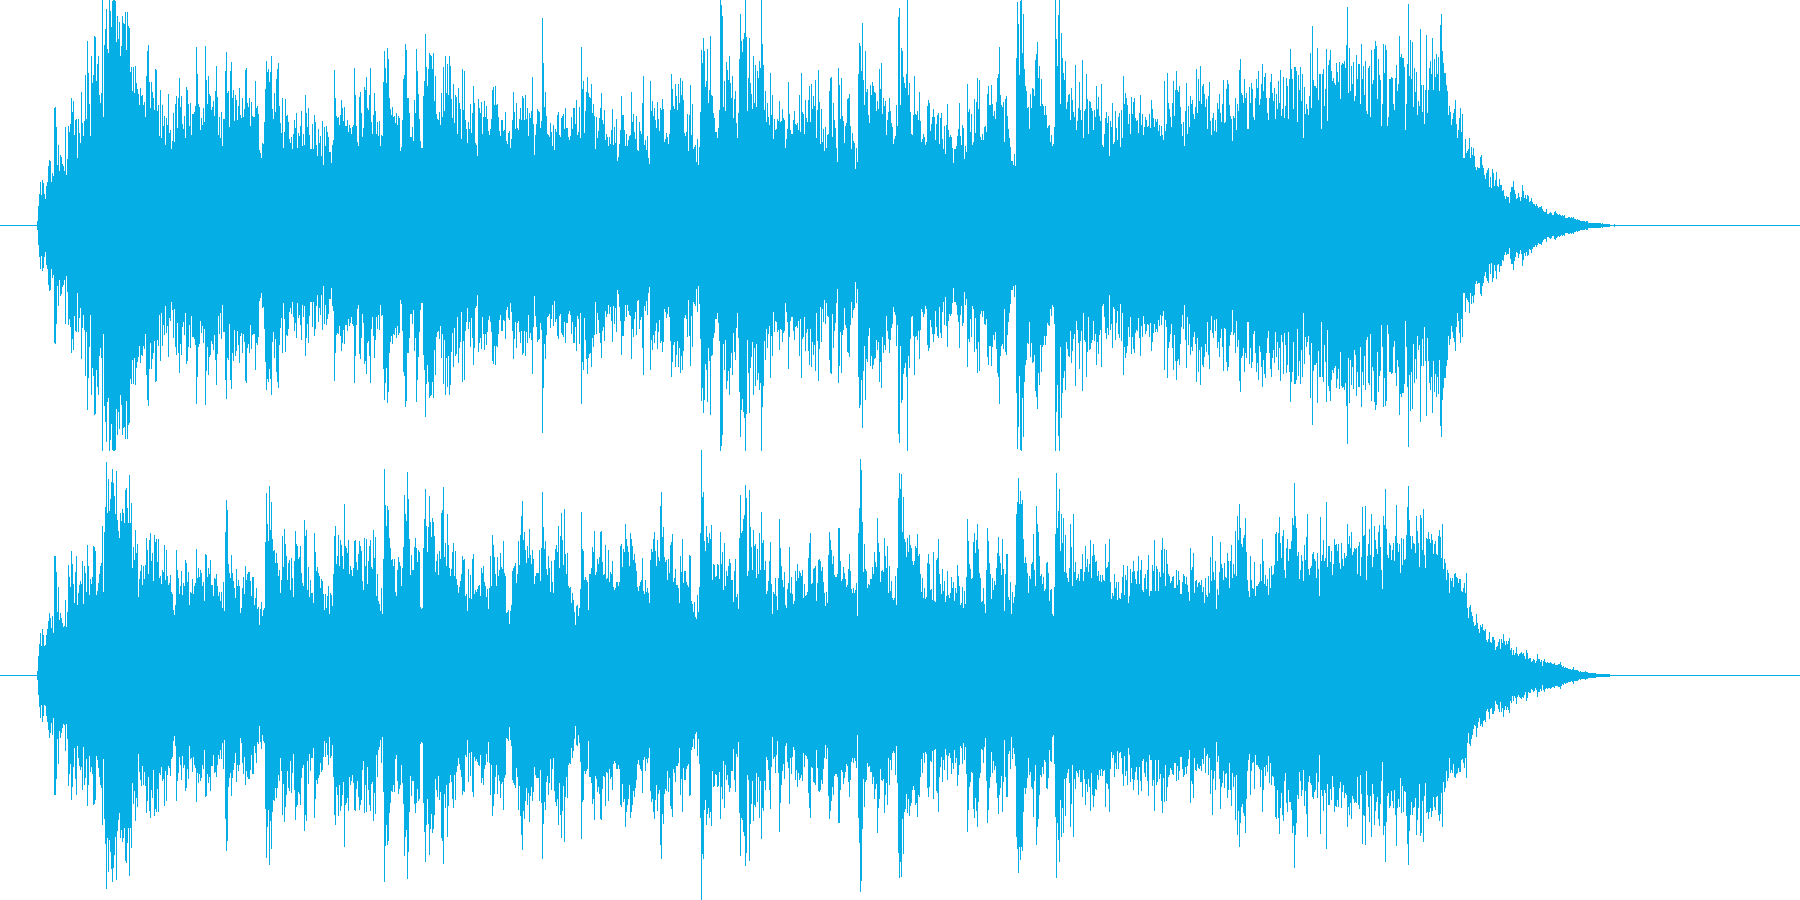 情熱的なバンド演奏によるジングル曲の再生済みの波形